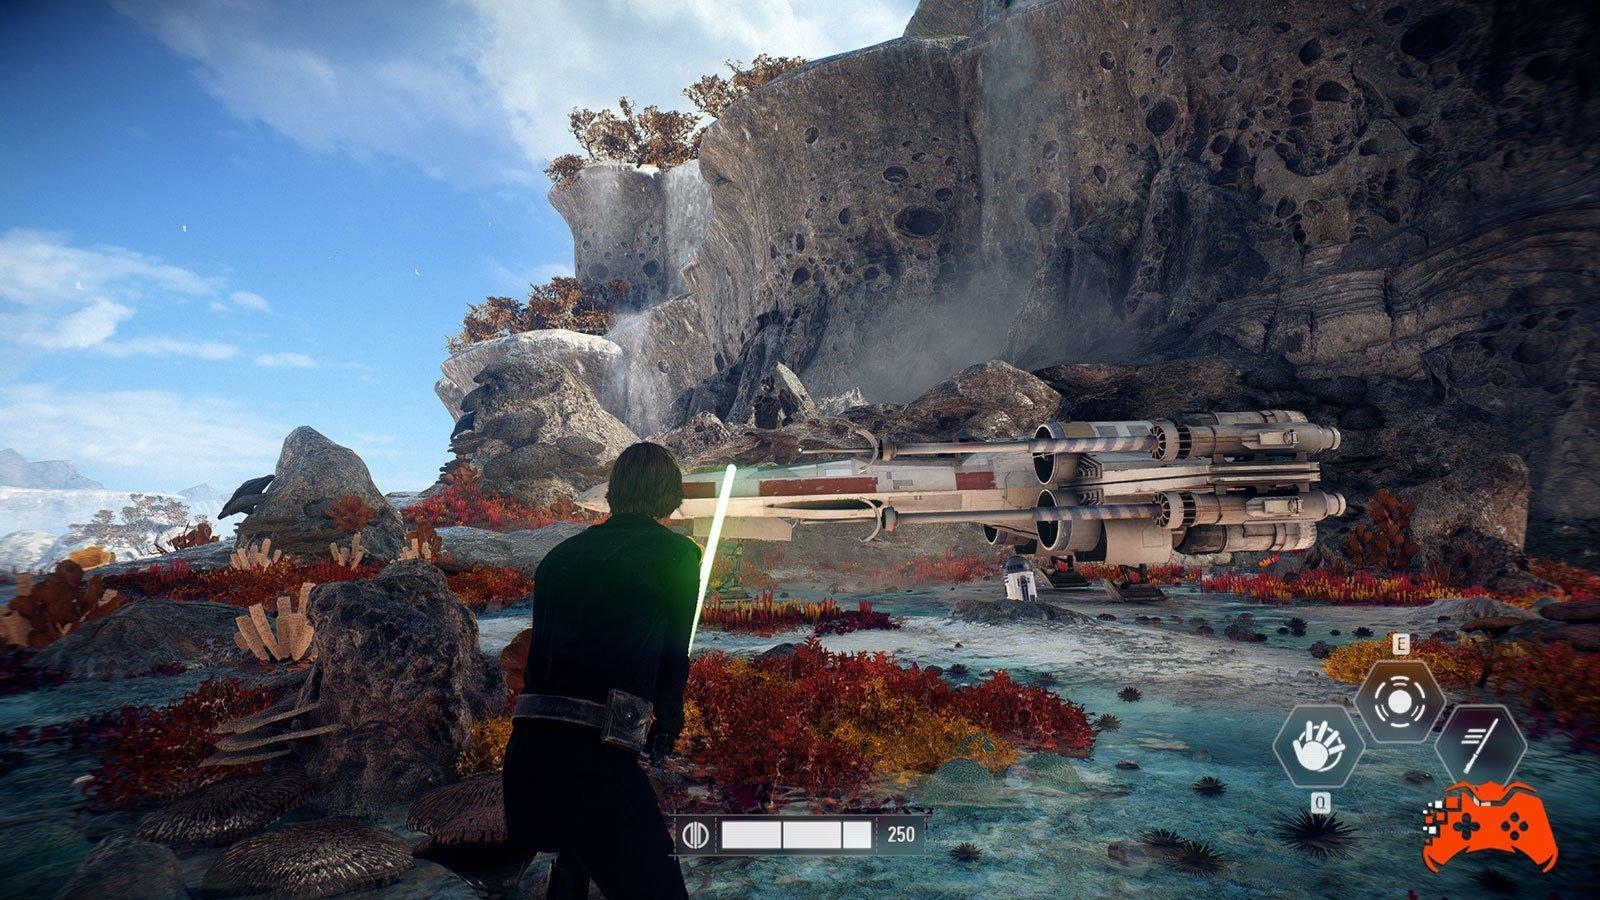 STAR WARS Battlefront II 18.11.13